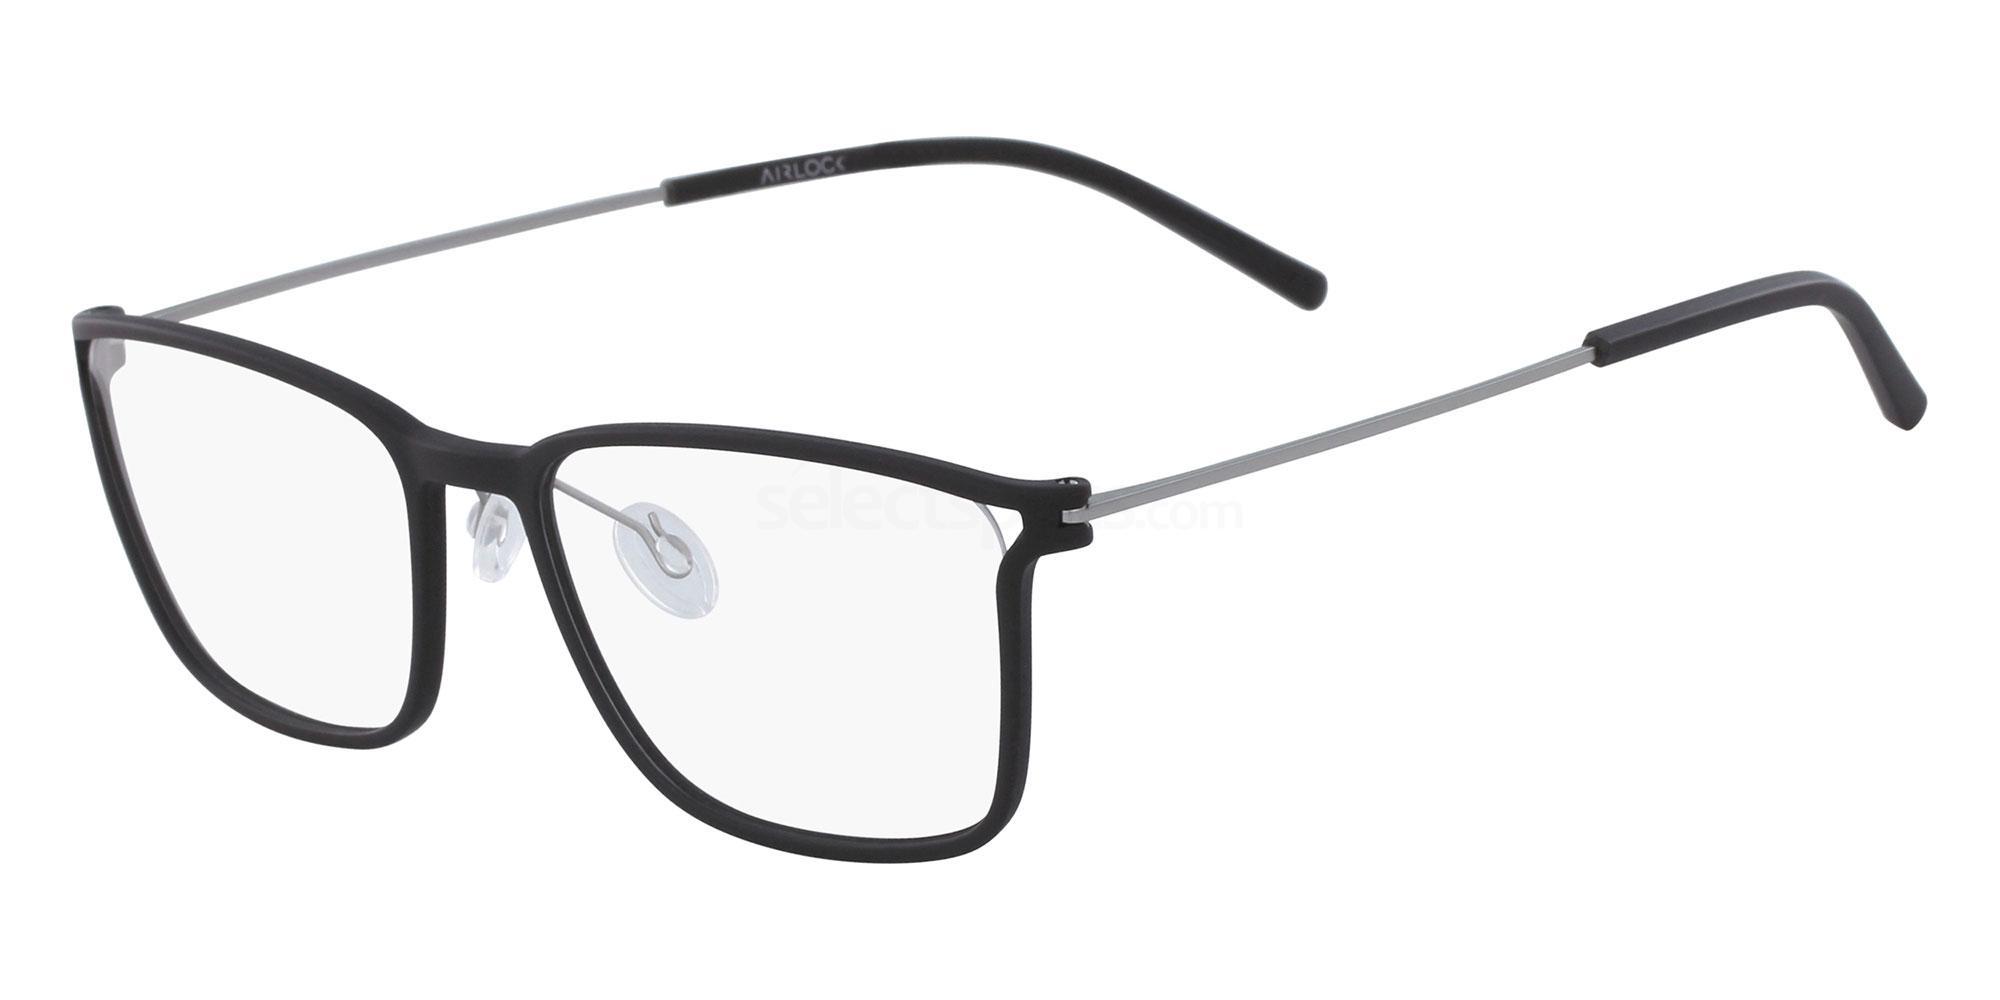 002 AIRLOCK 2001 Glasses, AIRLOCK